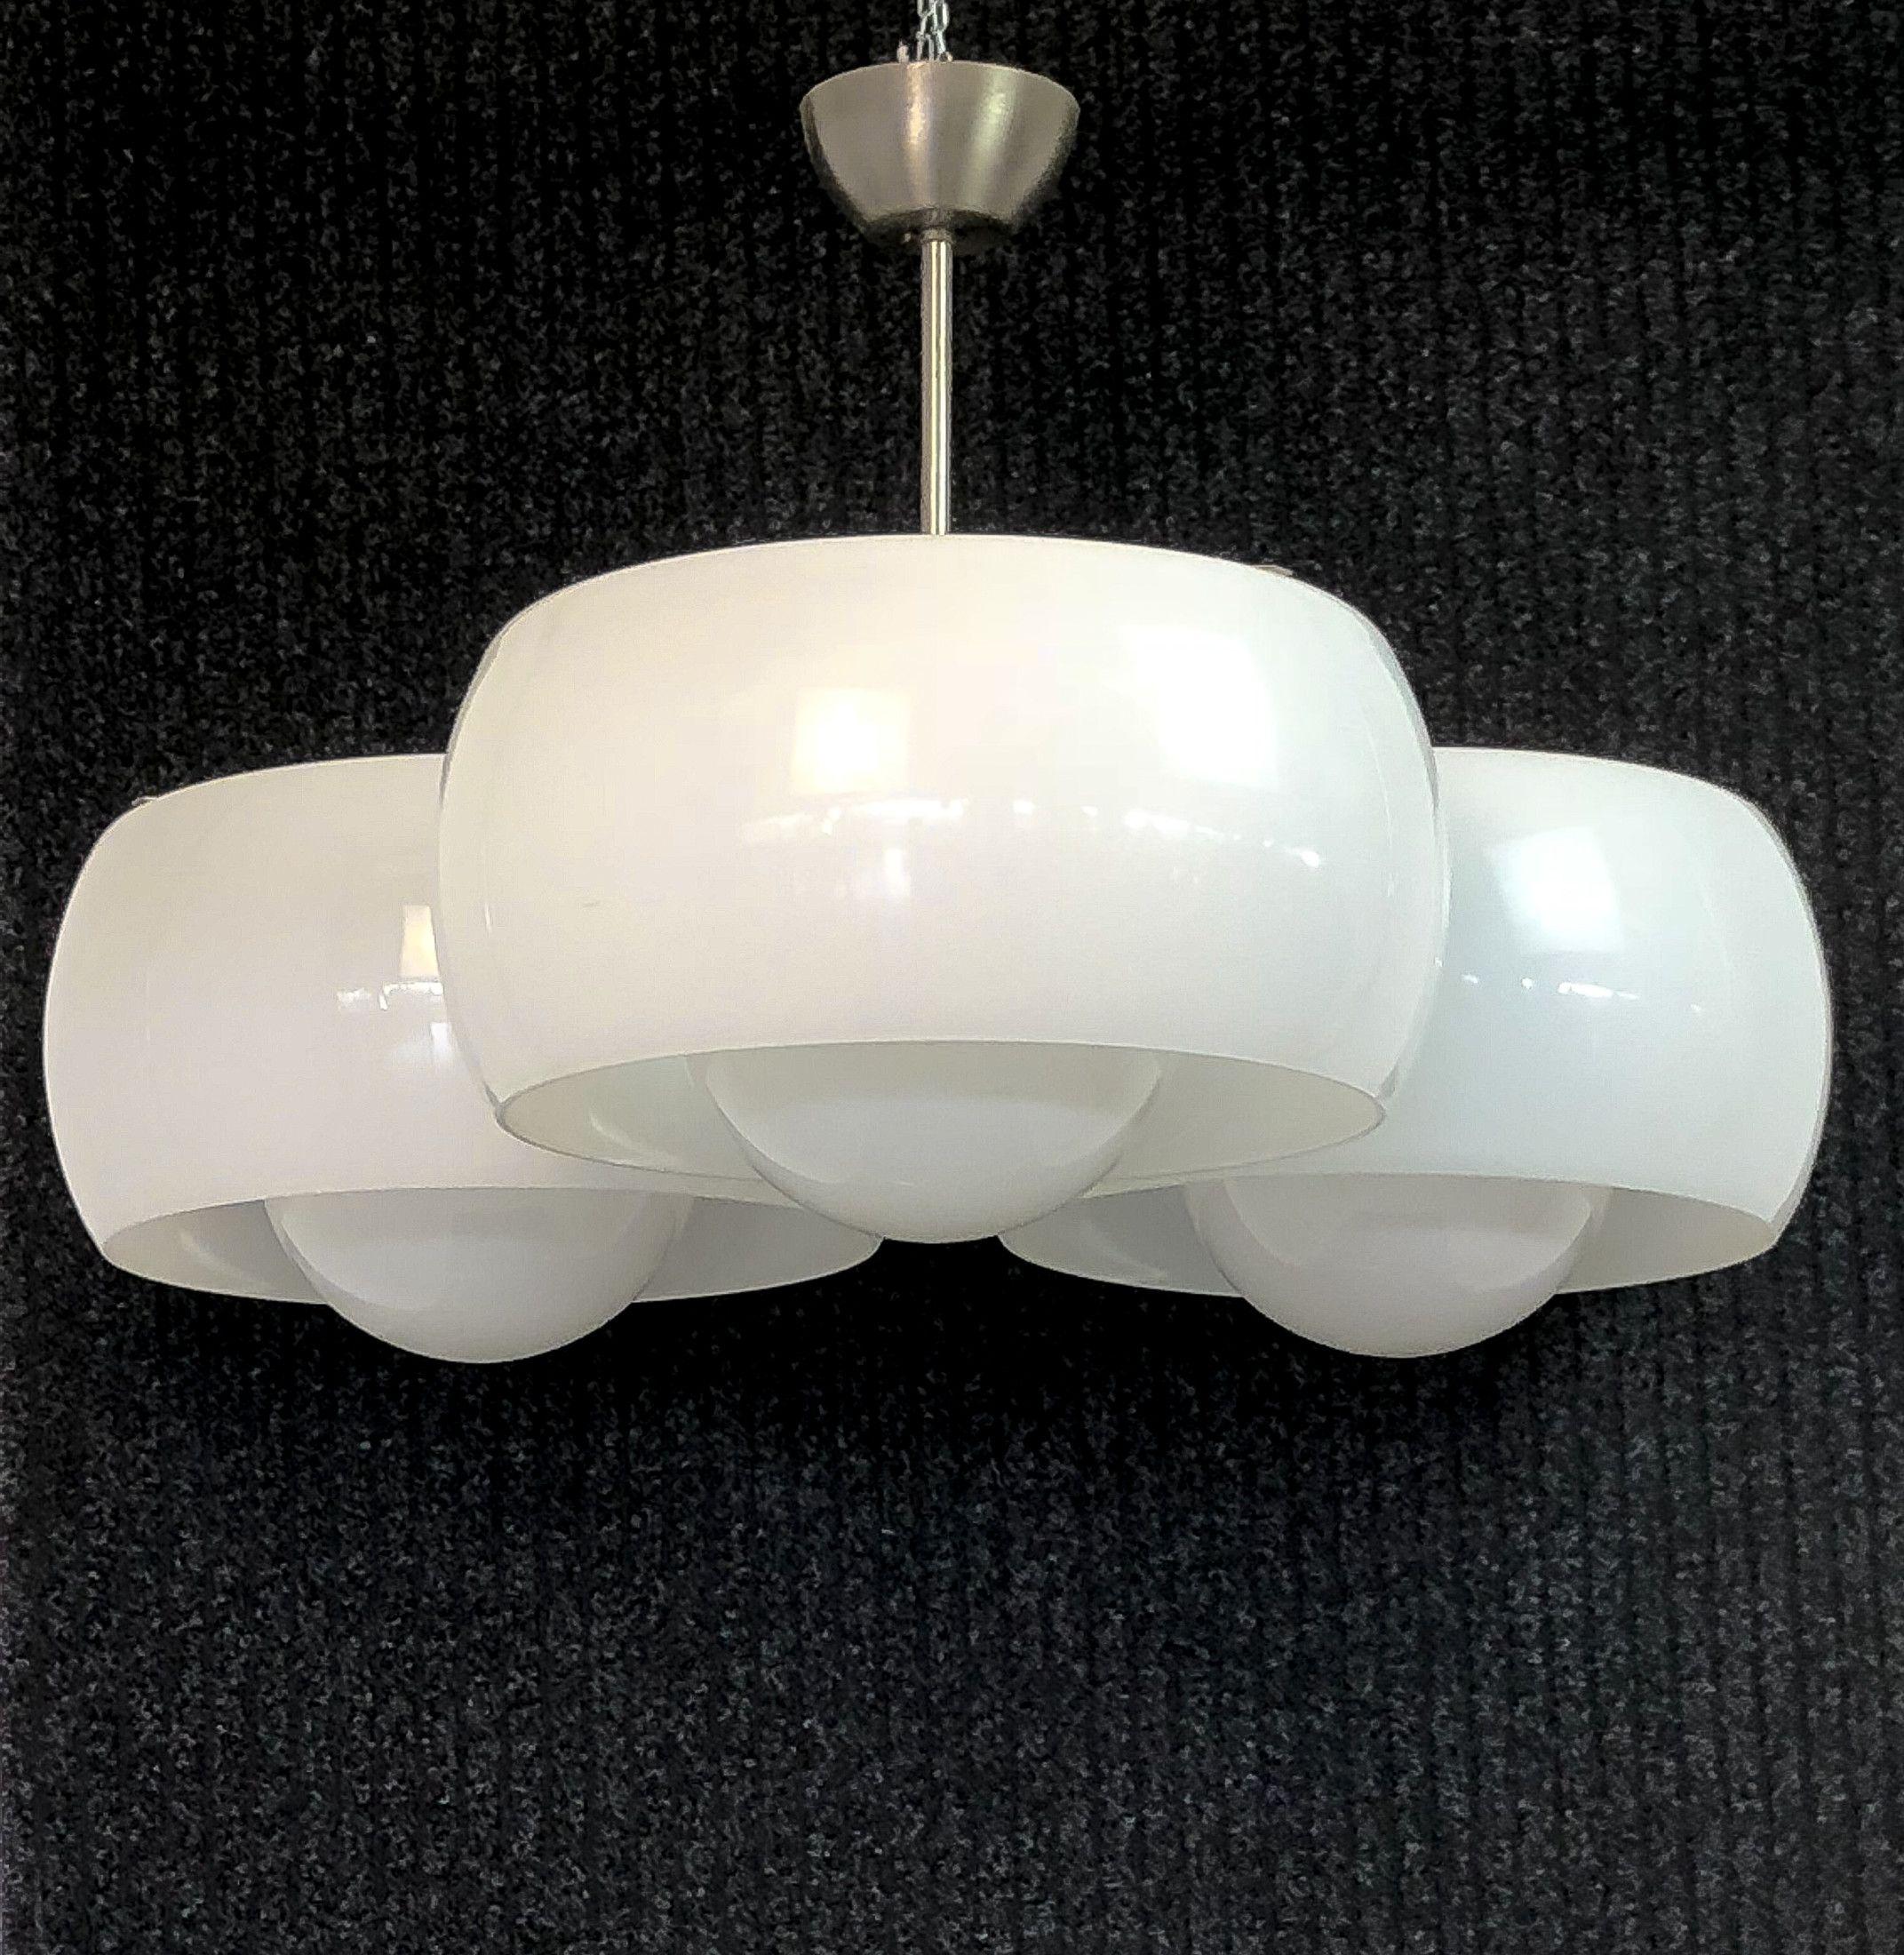 Lampadario A Sospensione Di Design Triclinio Vico Magistretti Per Artemide Italia 1963 Vicomagistretti Ar Lampadario Vintage Lampadario Lampada Vintage